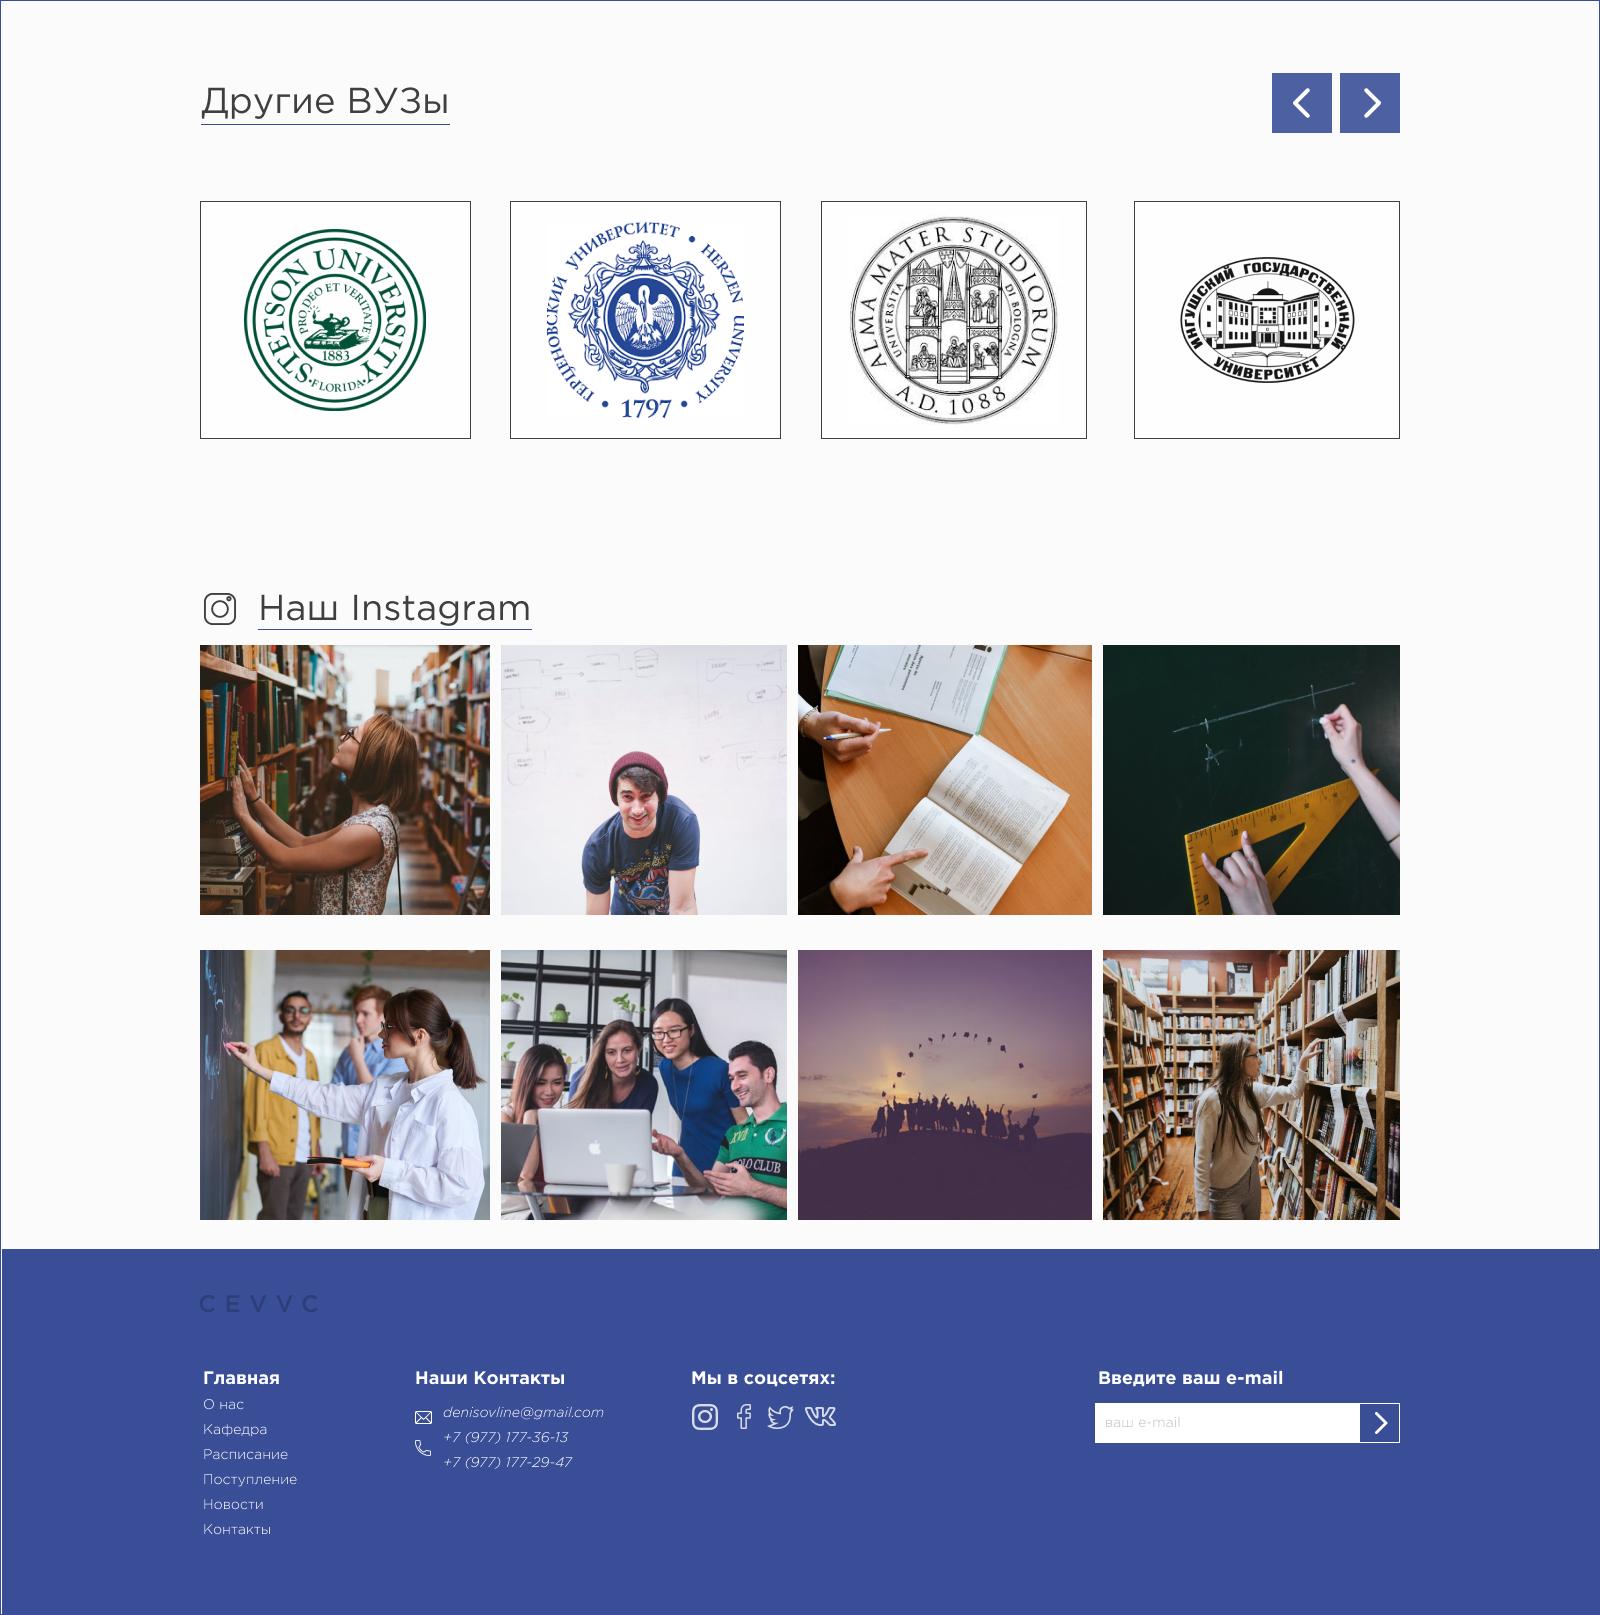 Разработка дизайна сайта колледжа фото f_8615e5ea3143de2f.jpg